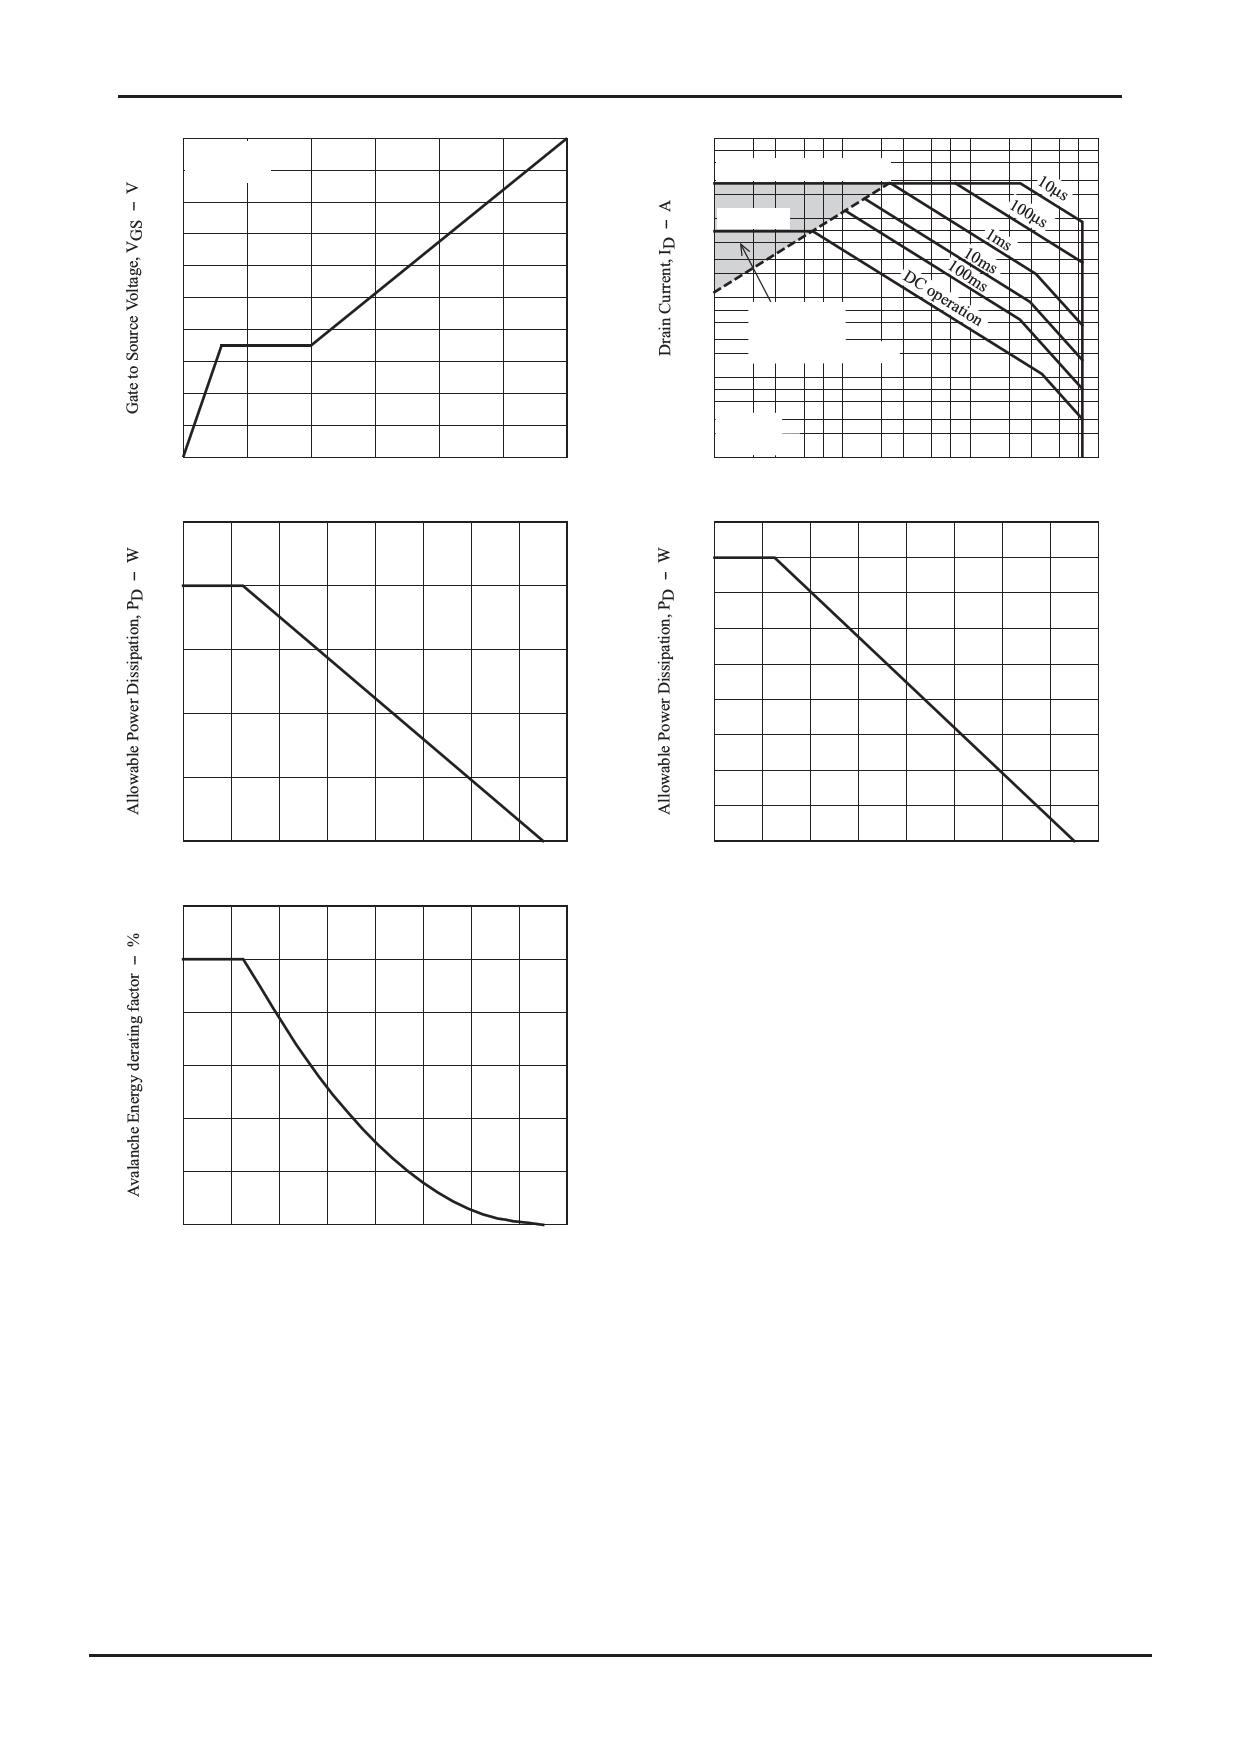 BMS3004 pdf, ピン配列